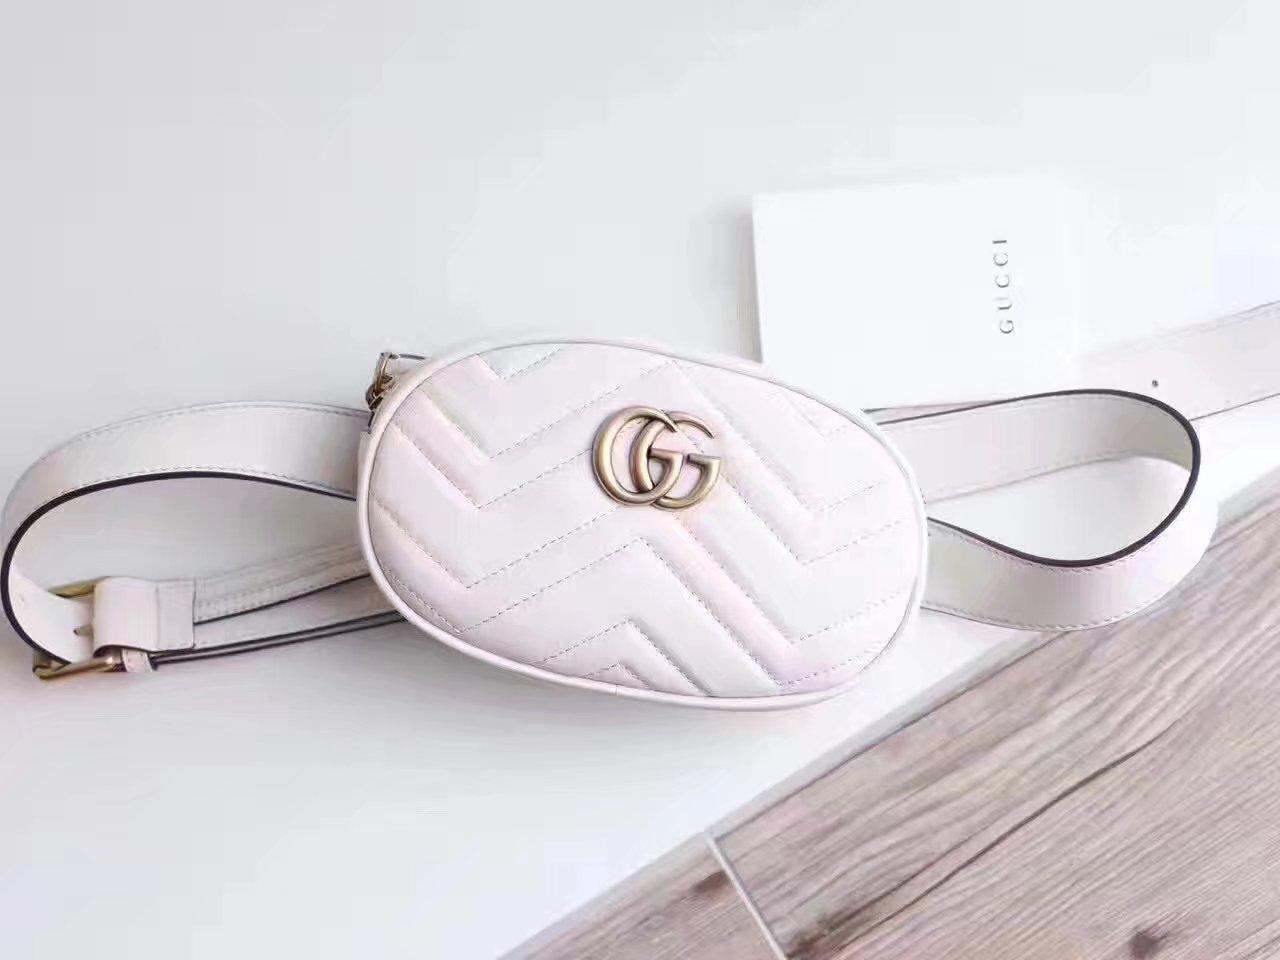 Gucci 476434 GG Marmont Matelassé Leather Belt Bag White